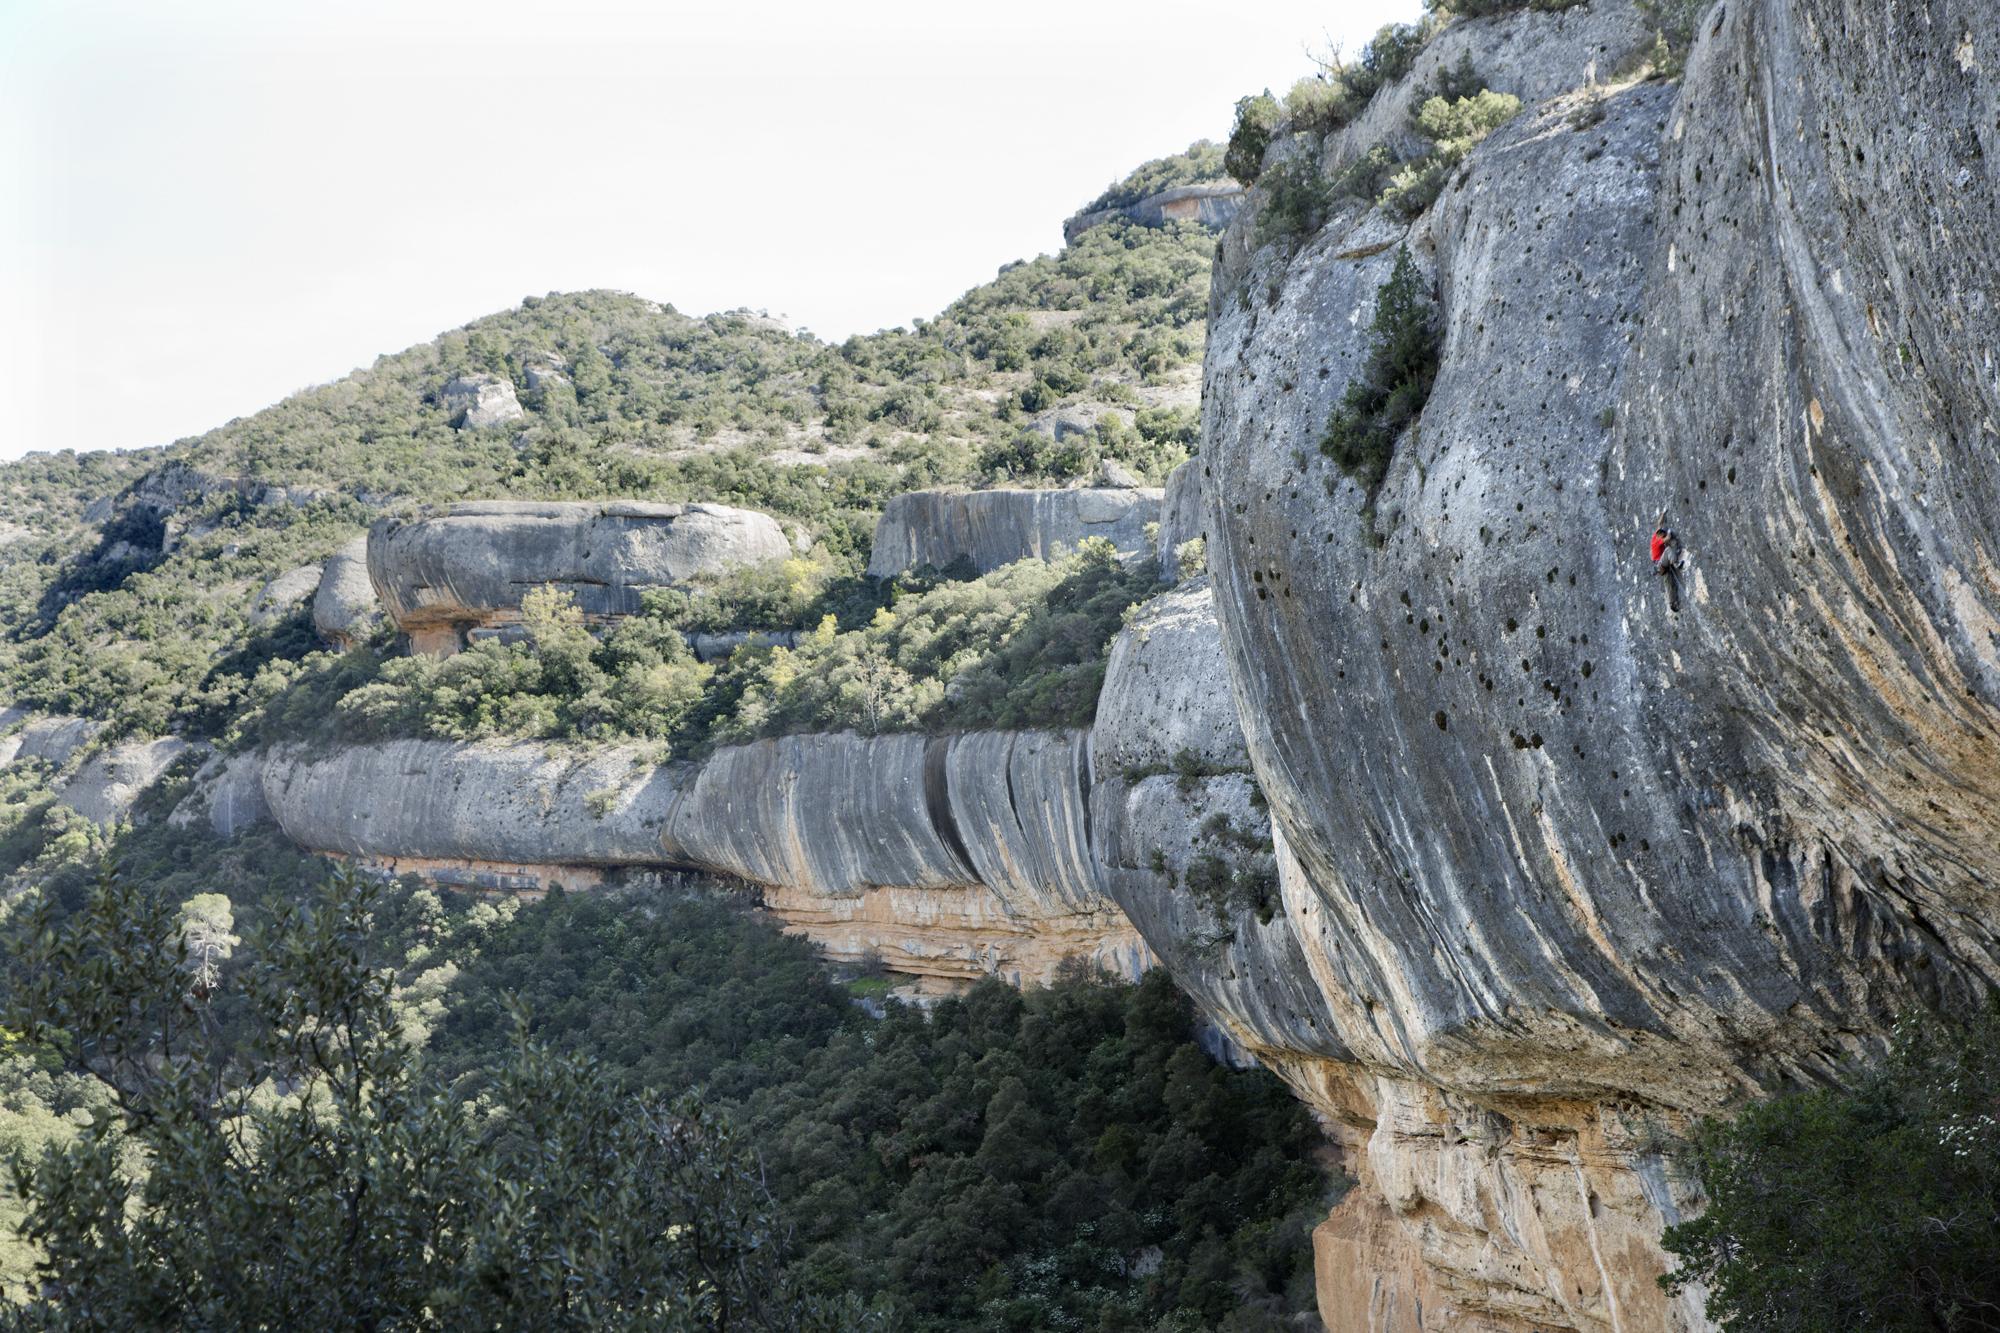 Spain-Margalef-4.12.13_13371.jpg